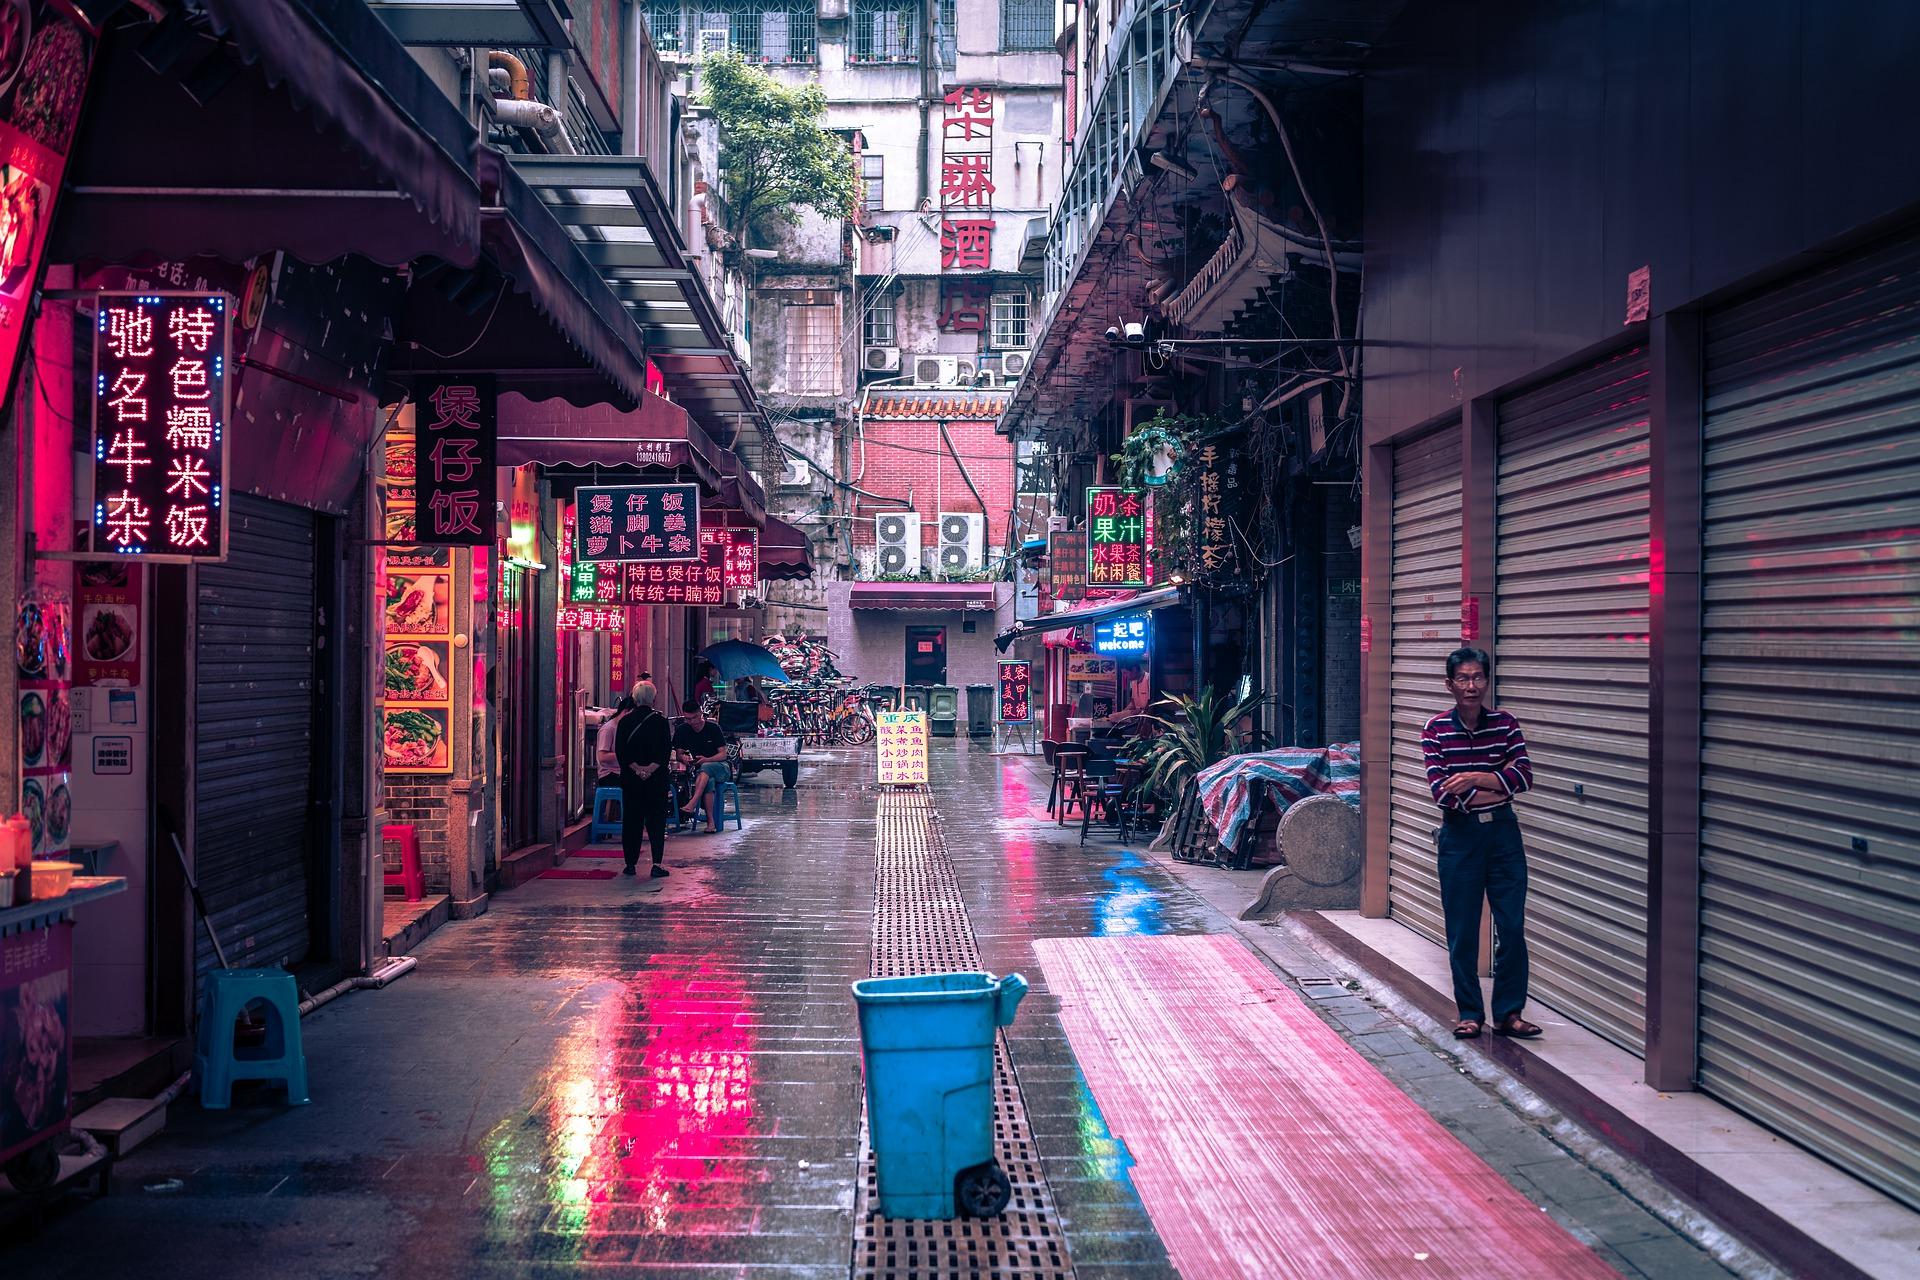 40 Fun Things to do in Guangzhou, China in 2019